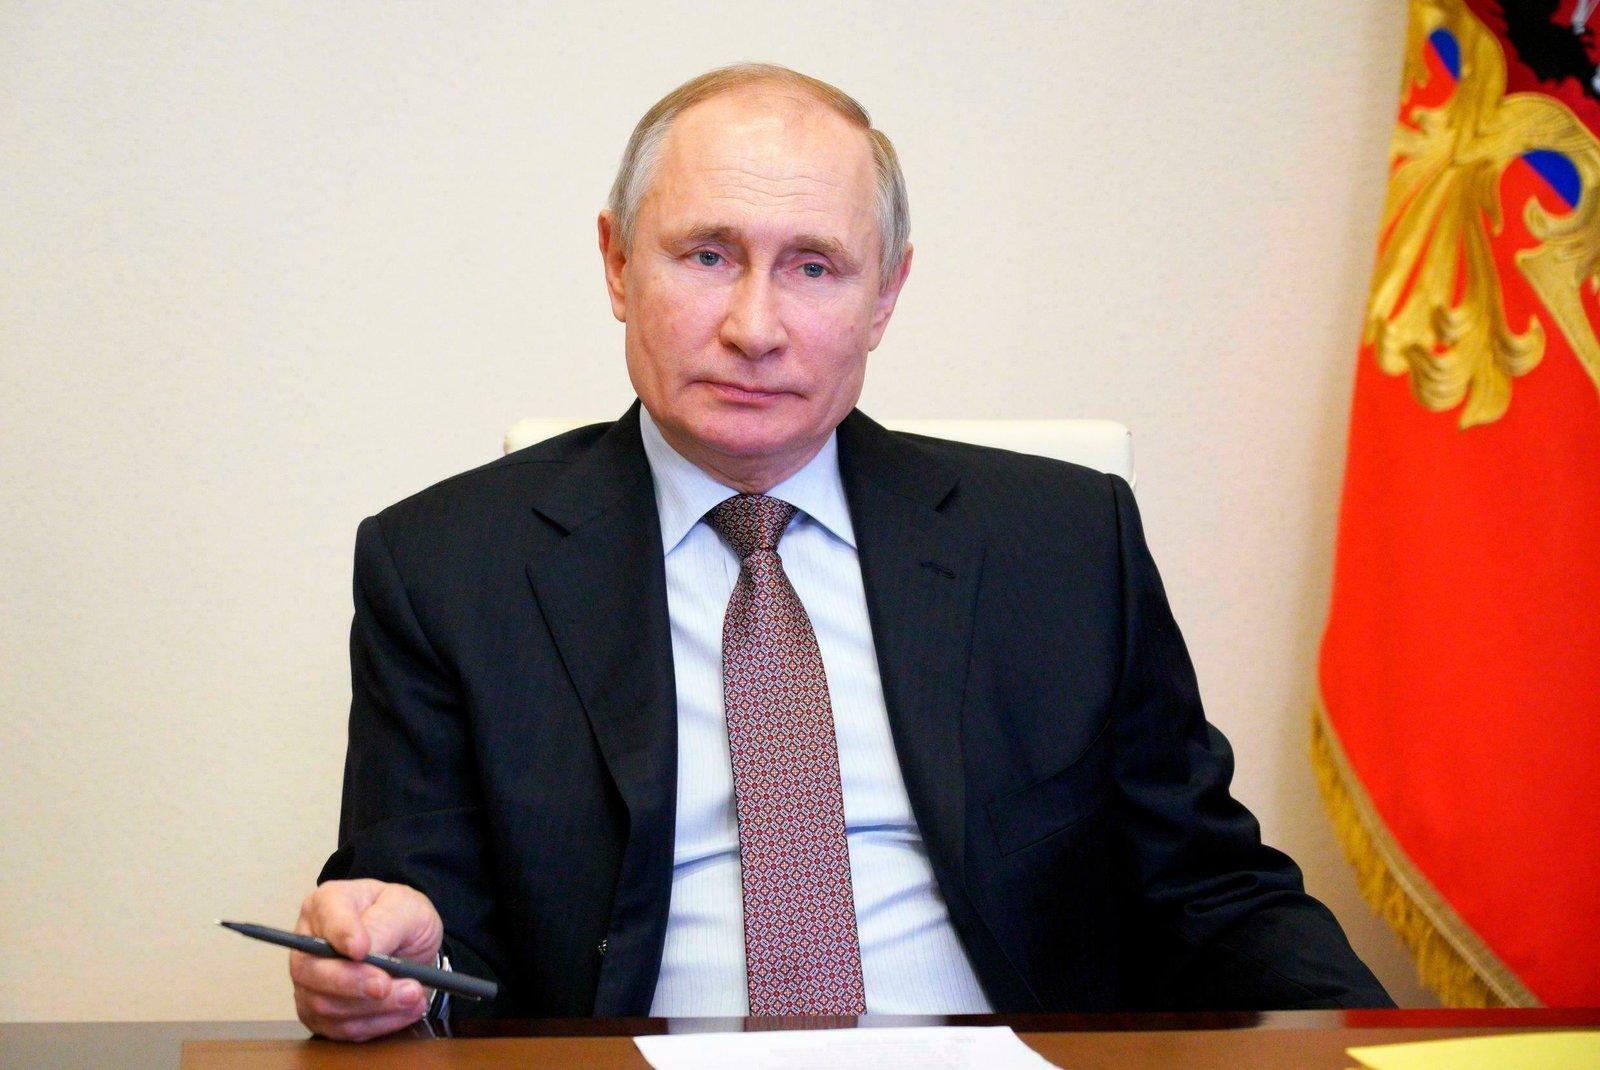 Putin asegura tener 'relaciones de trabajo estables' con Biden